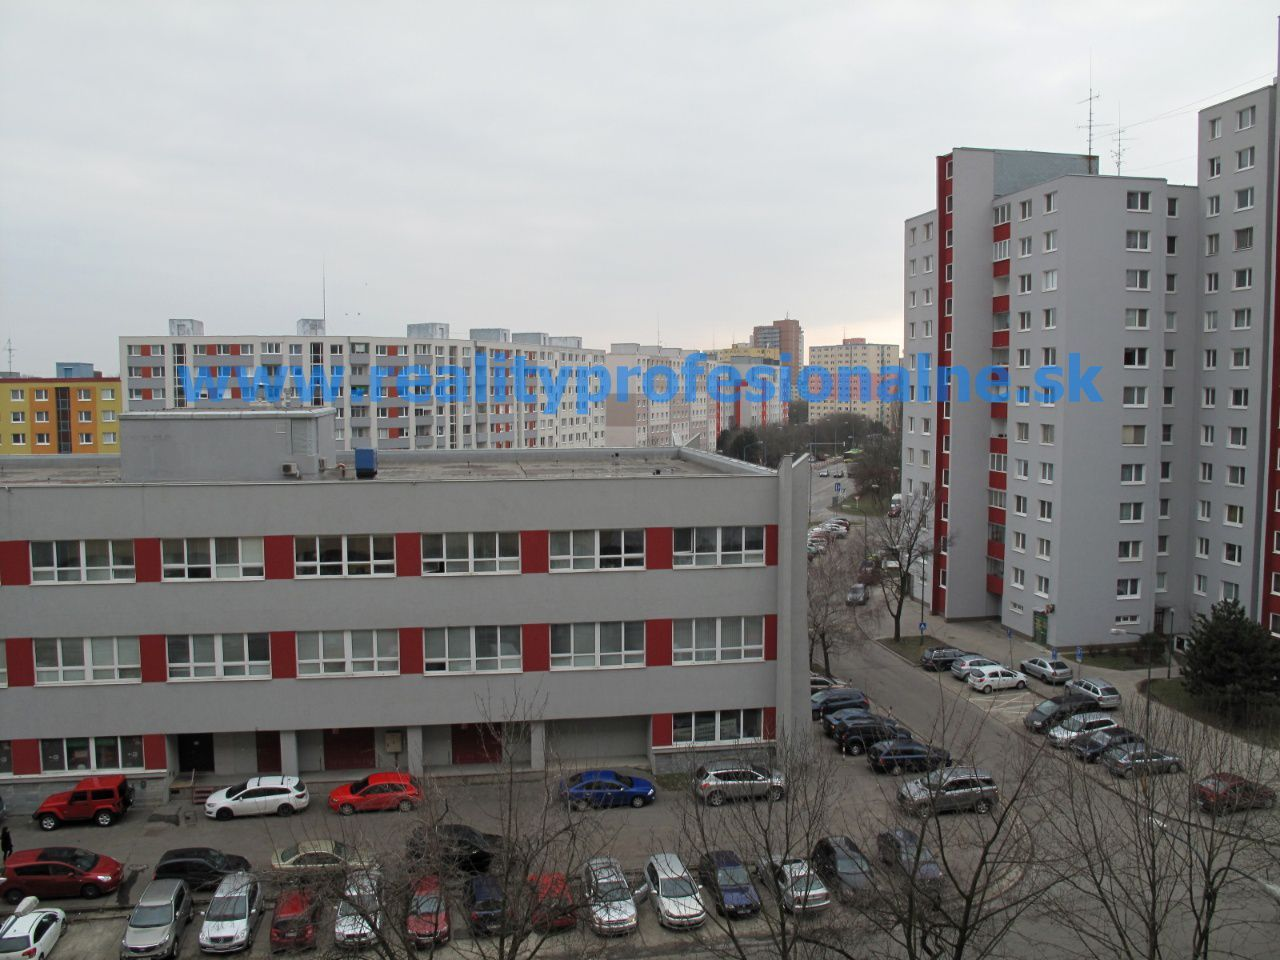 PREDANÉ ZA 1/2 DŇA: Ideálne bývanie pre mladších i starších? Garsónka v Bratislave - Petržalke vyhovie obom generáciám